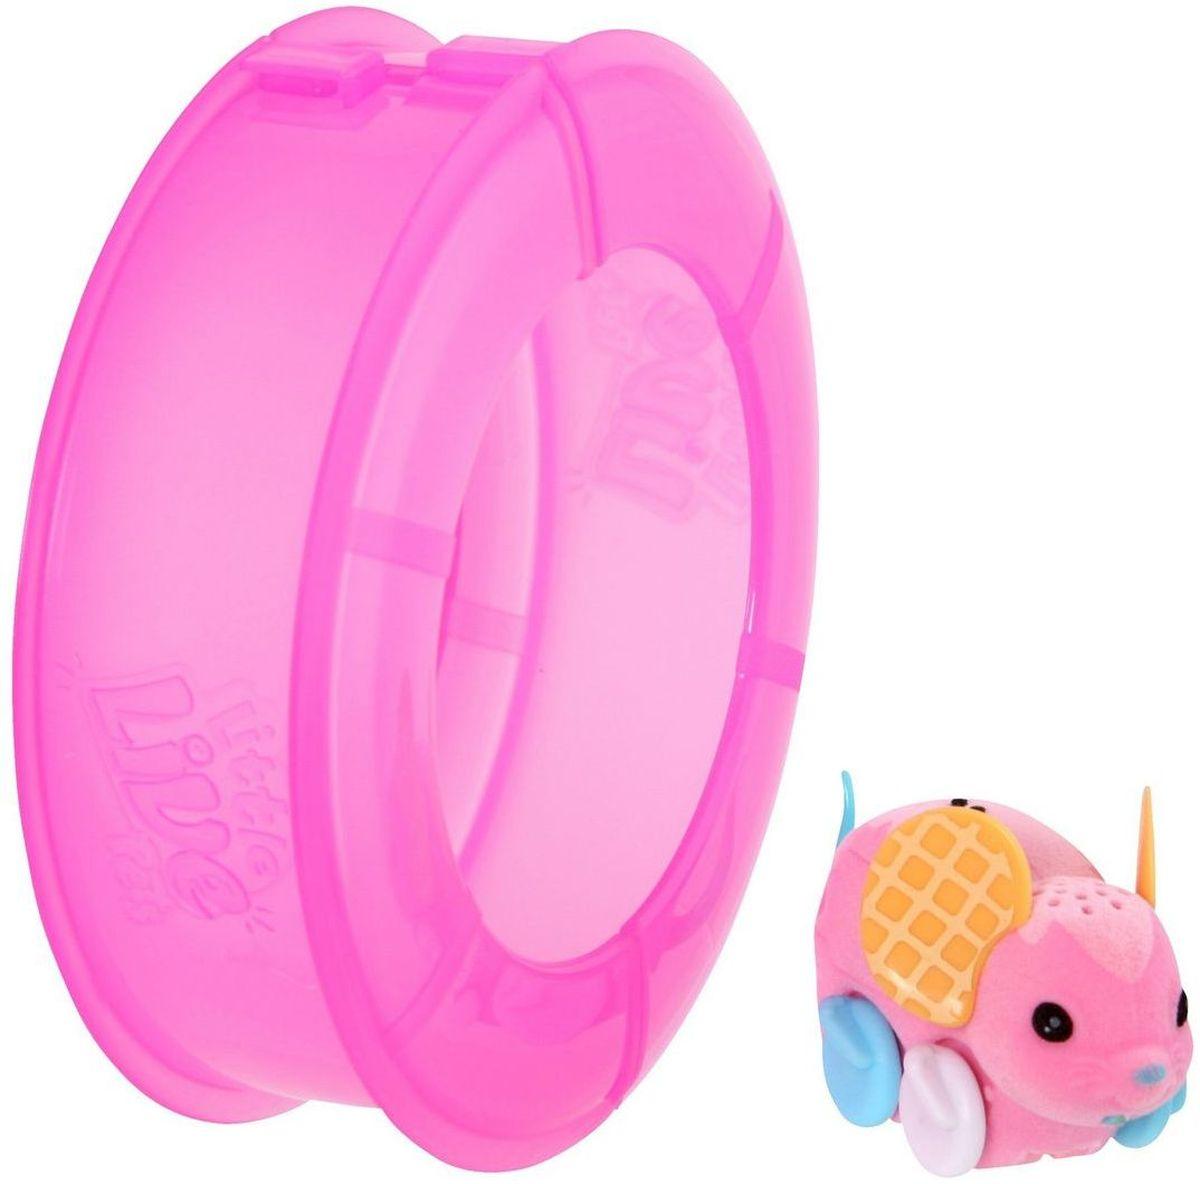 Little Live Pets Интерактивная игрушка Мышка в колесе цвет розовый28194/ast28173(28193,28194,28195)Интерактивная игрушка Little Live Pet Мышка в колесе изготовлена из высокопрочного пластика, обтянутого флоком. Тело игрушки на ощупь напоминает настоящую шерстку мышонка. Мышка легко и быстро двигается по полу комнаты в колесе благодаря колесикам. Ее красивые ушки разукрашены яркими узорами. Мышка издает писк и фырканье, очень похожие на настоящие. Кнопка включения расположена на месте рта. Сенсор расположен на спине мышки. Достаточно провести по нему пальцем, чтобы мышка начала движение. Рекомендовано для детей от 5 лет. Для работы требуются 3 батарейки типа AG13 (LR44) (комплектуется демонстрационными).